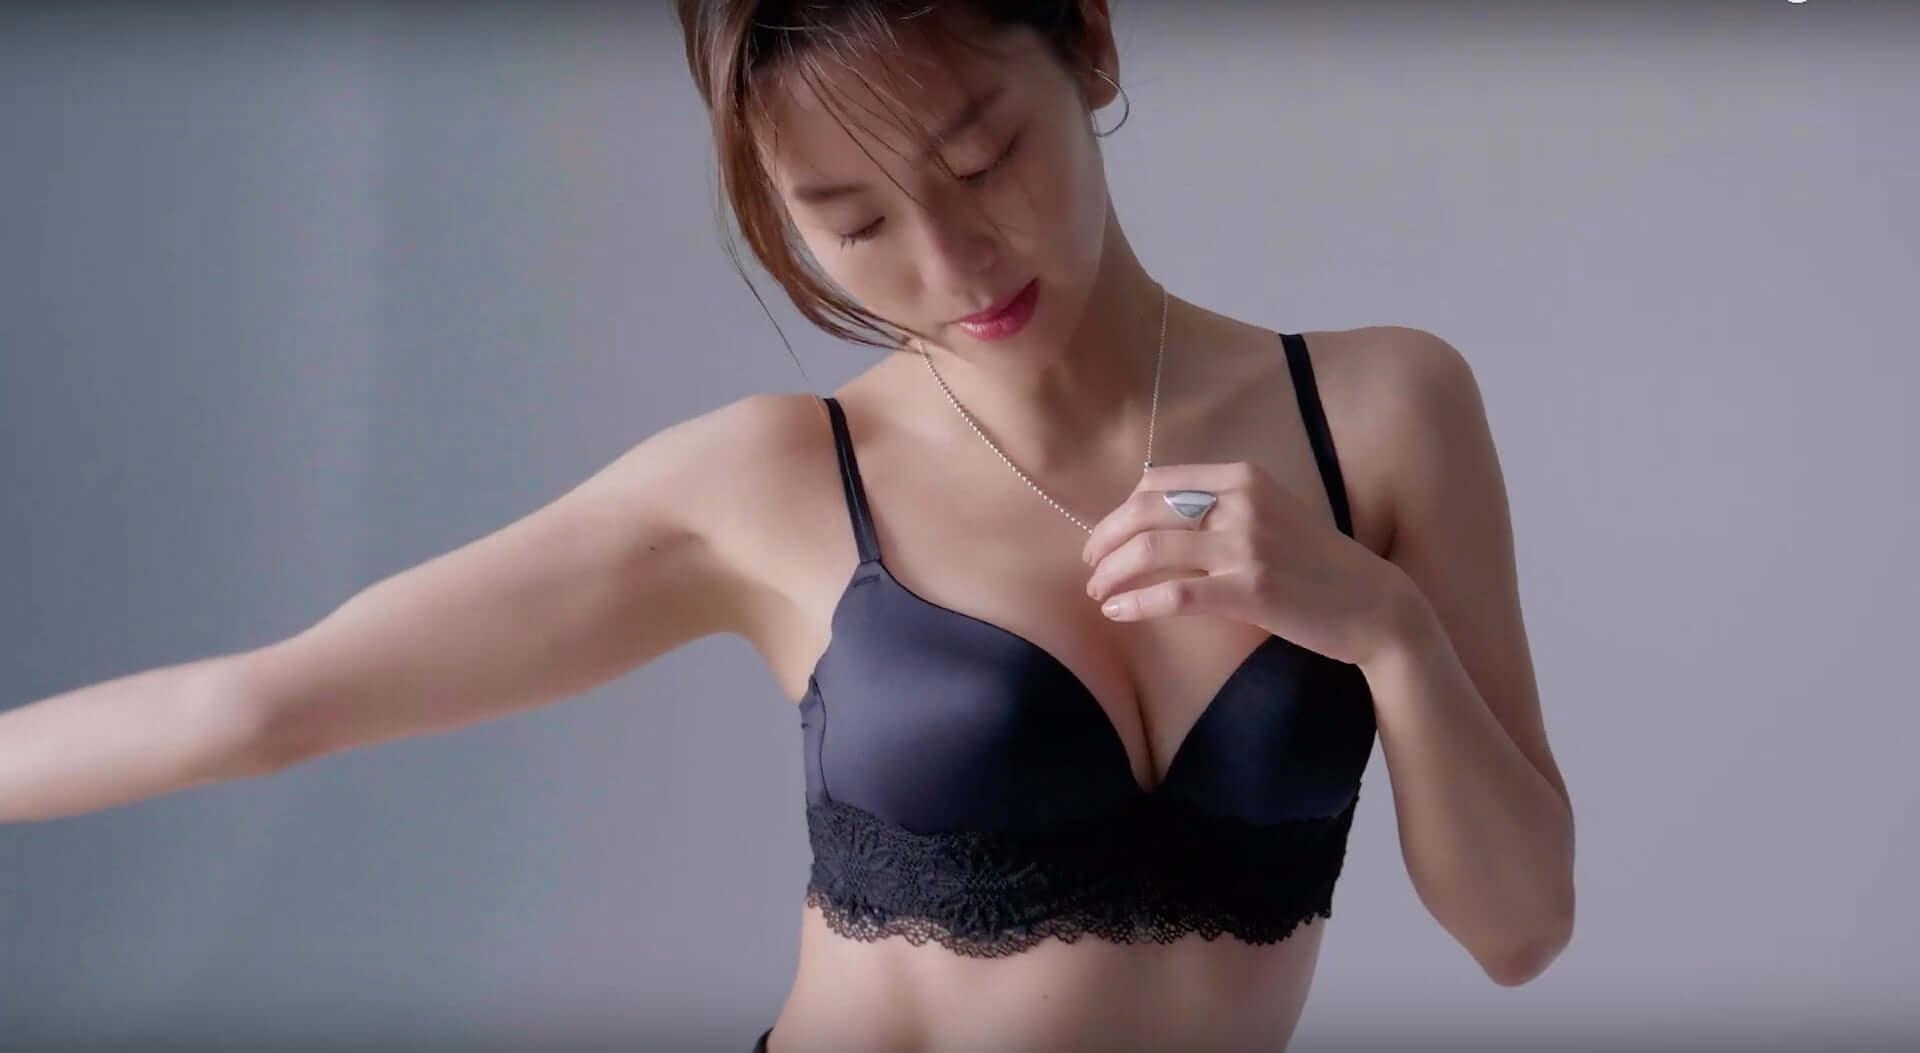 中村アン、100秒間で1枚以上売れたブラで美乳を披露 PEACH JOHN「やせ見えする方法」スペシャルムービー公開 lf190828nakamura-anne_3-1920x1053